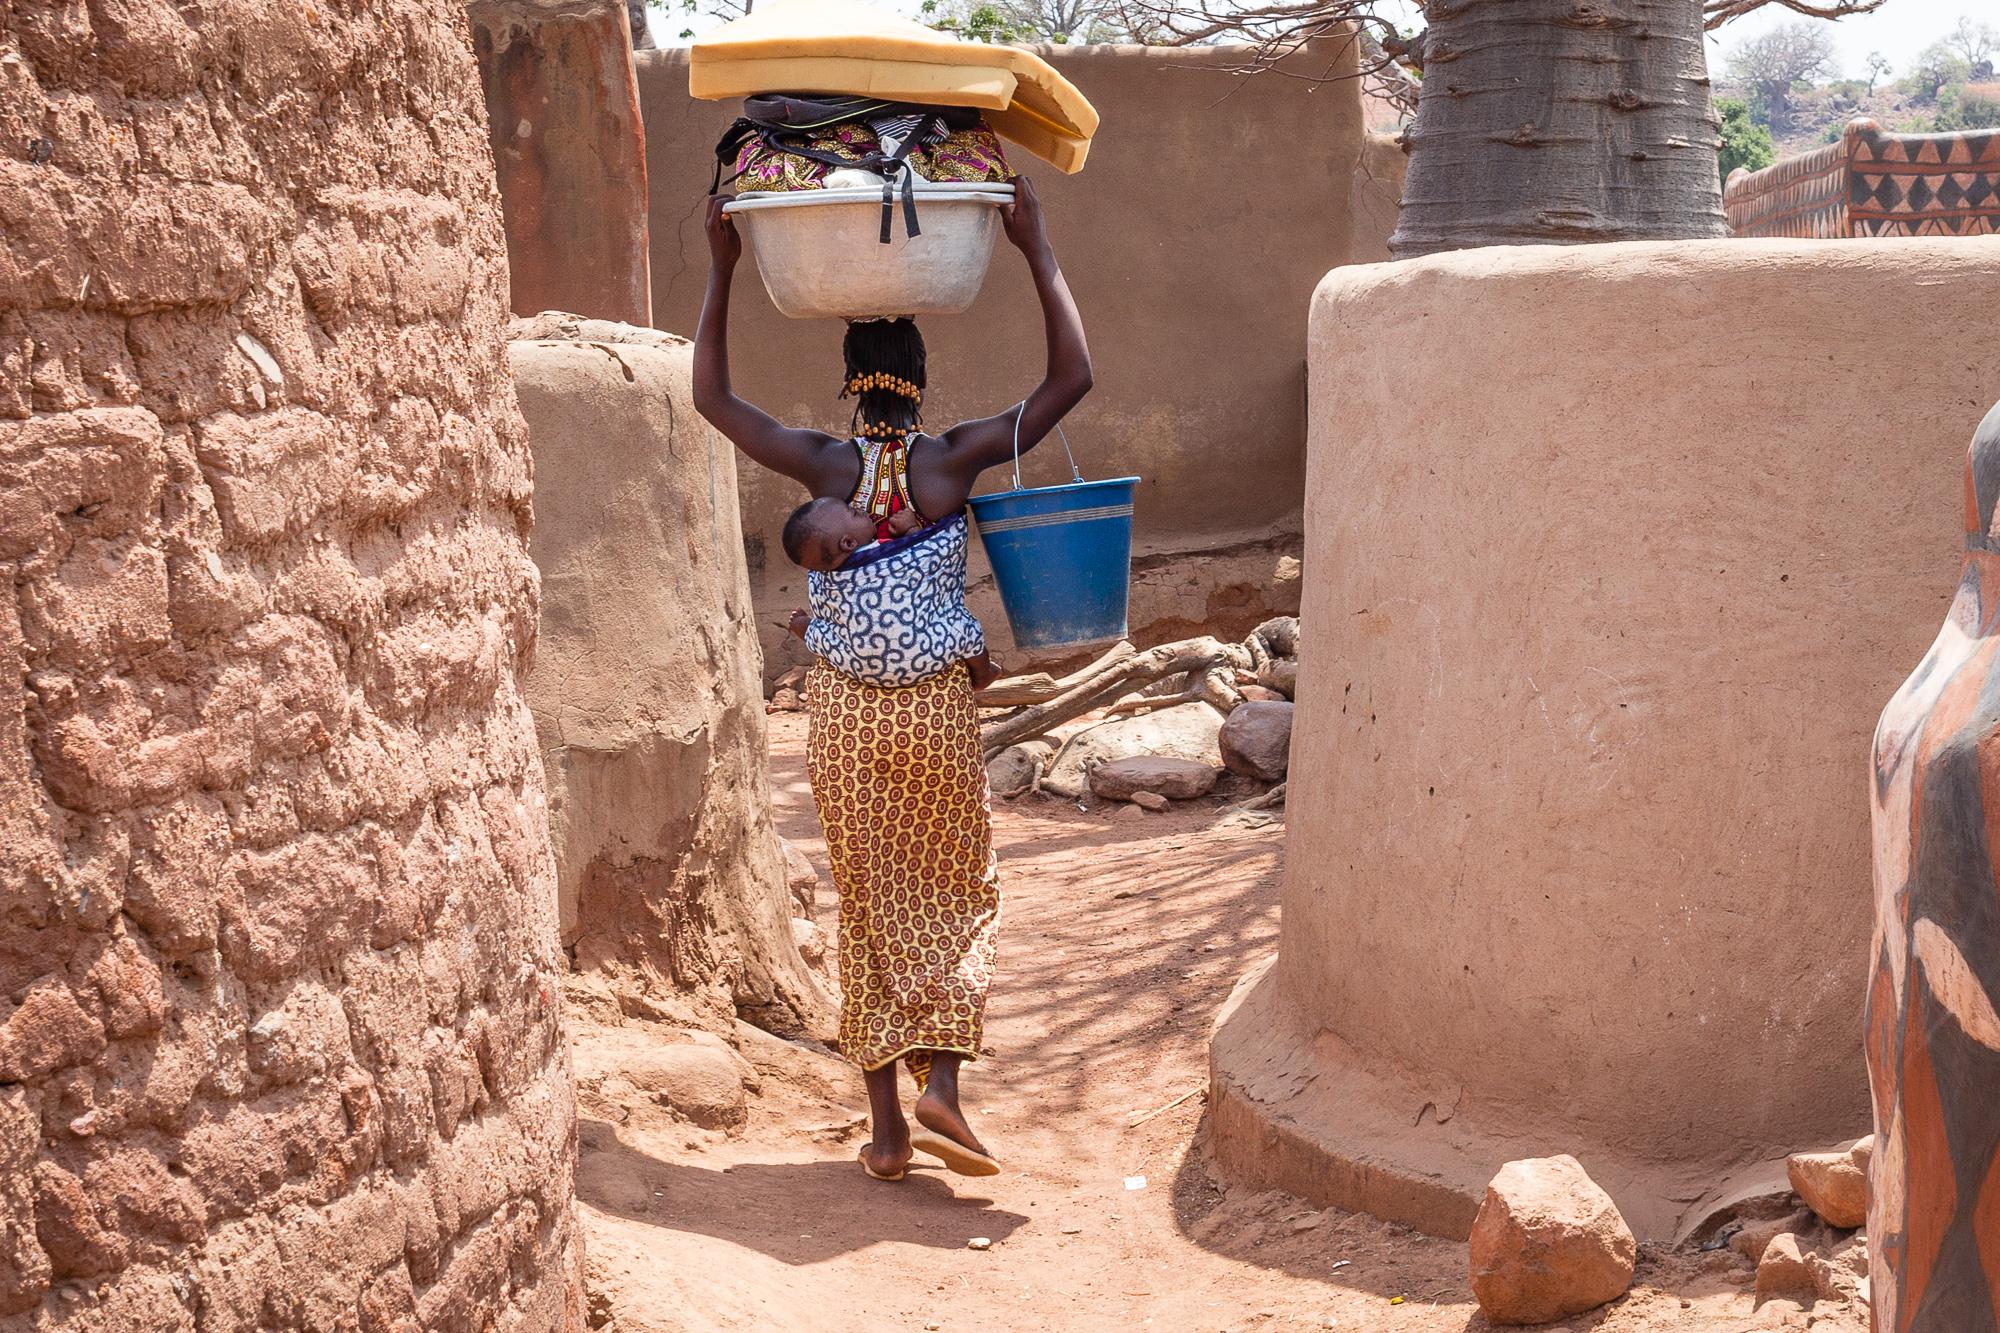 Femme avec enfant dans le dos et bassine remplie de linge sur la tête, dans les ruelles de Tiébélé, Burkina Faso